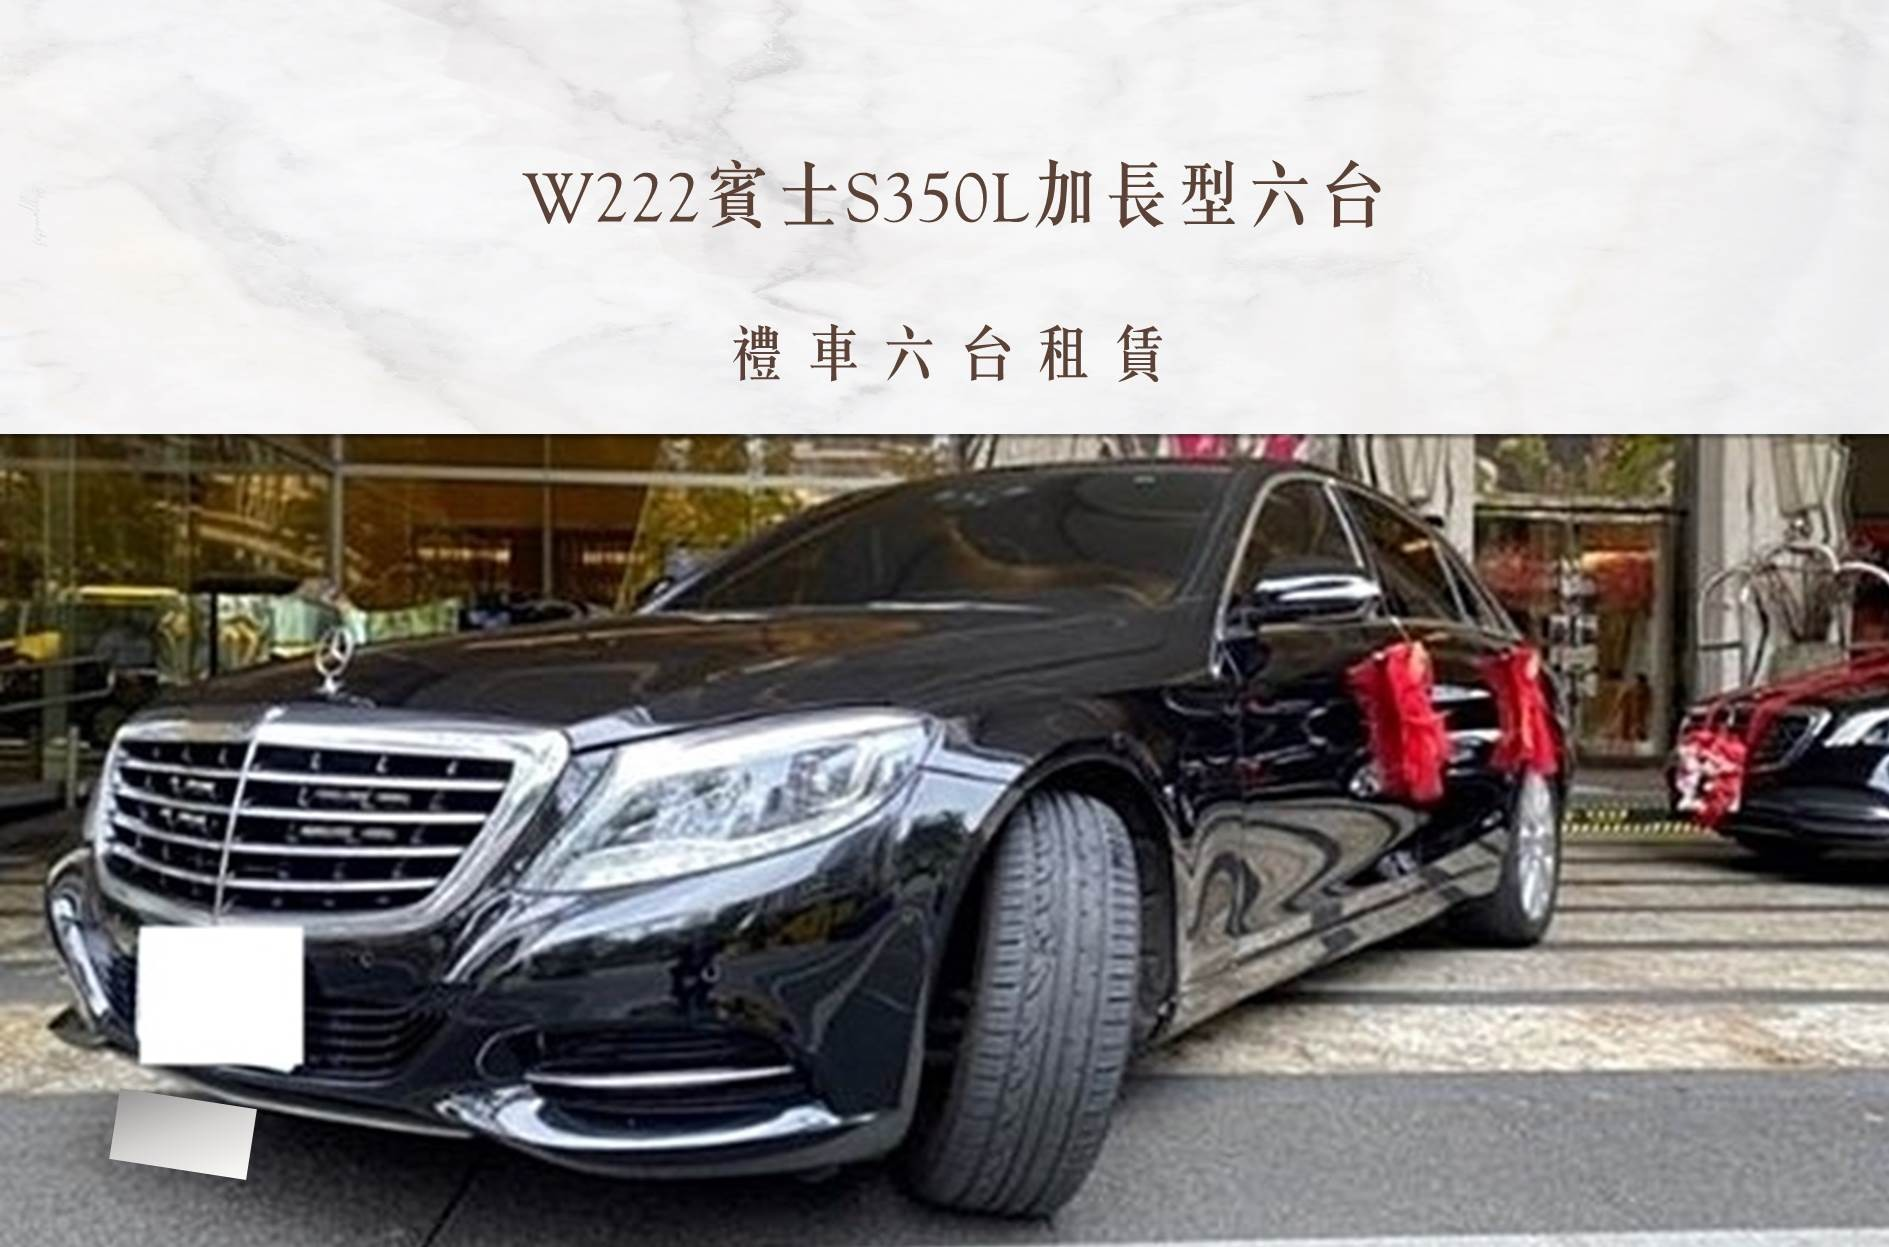 W222賓士S350L加長型六台